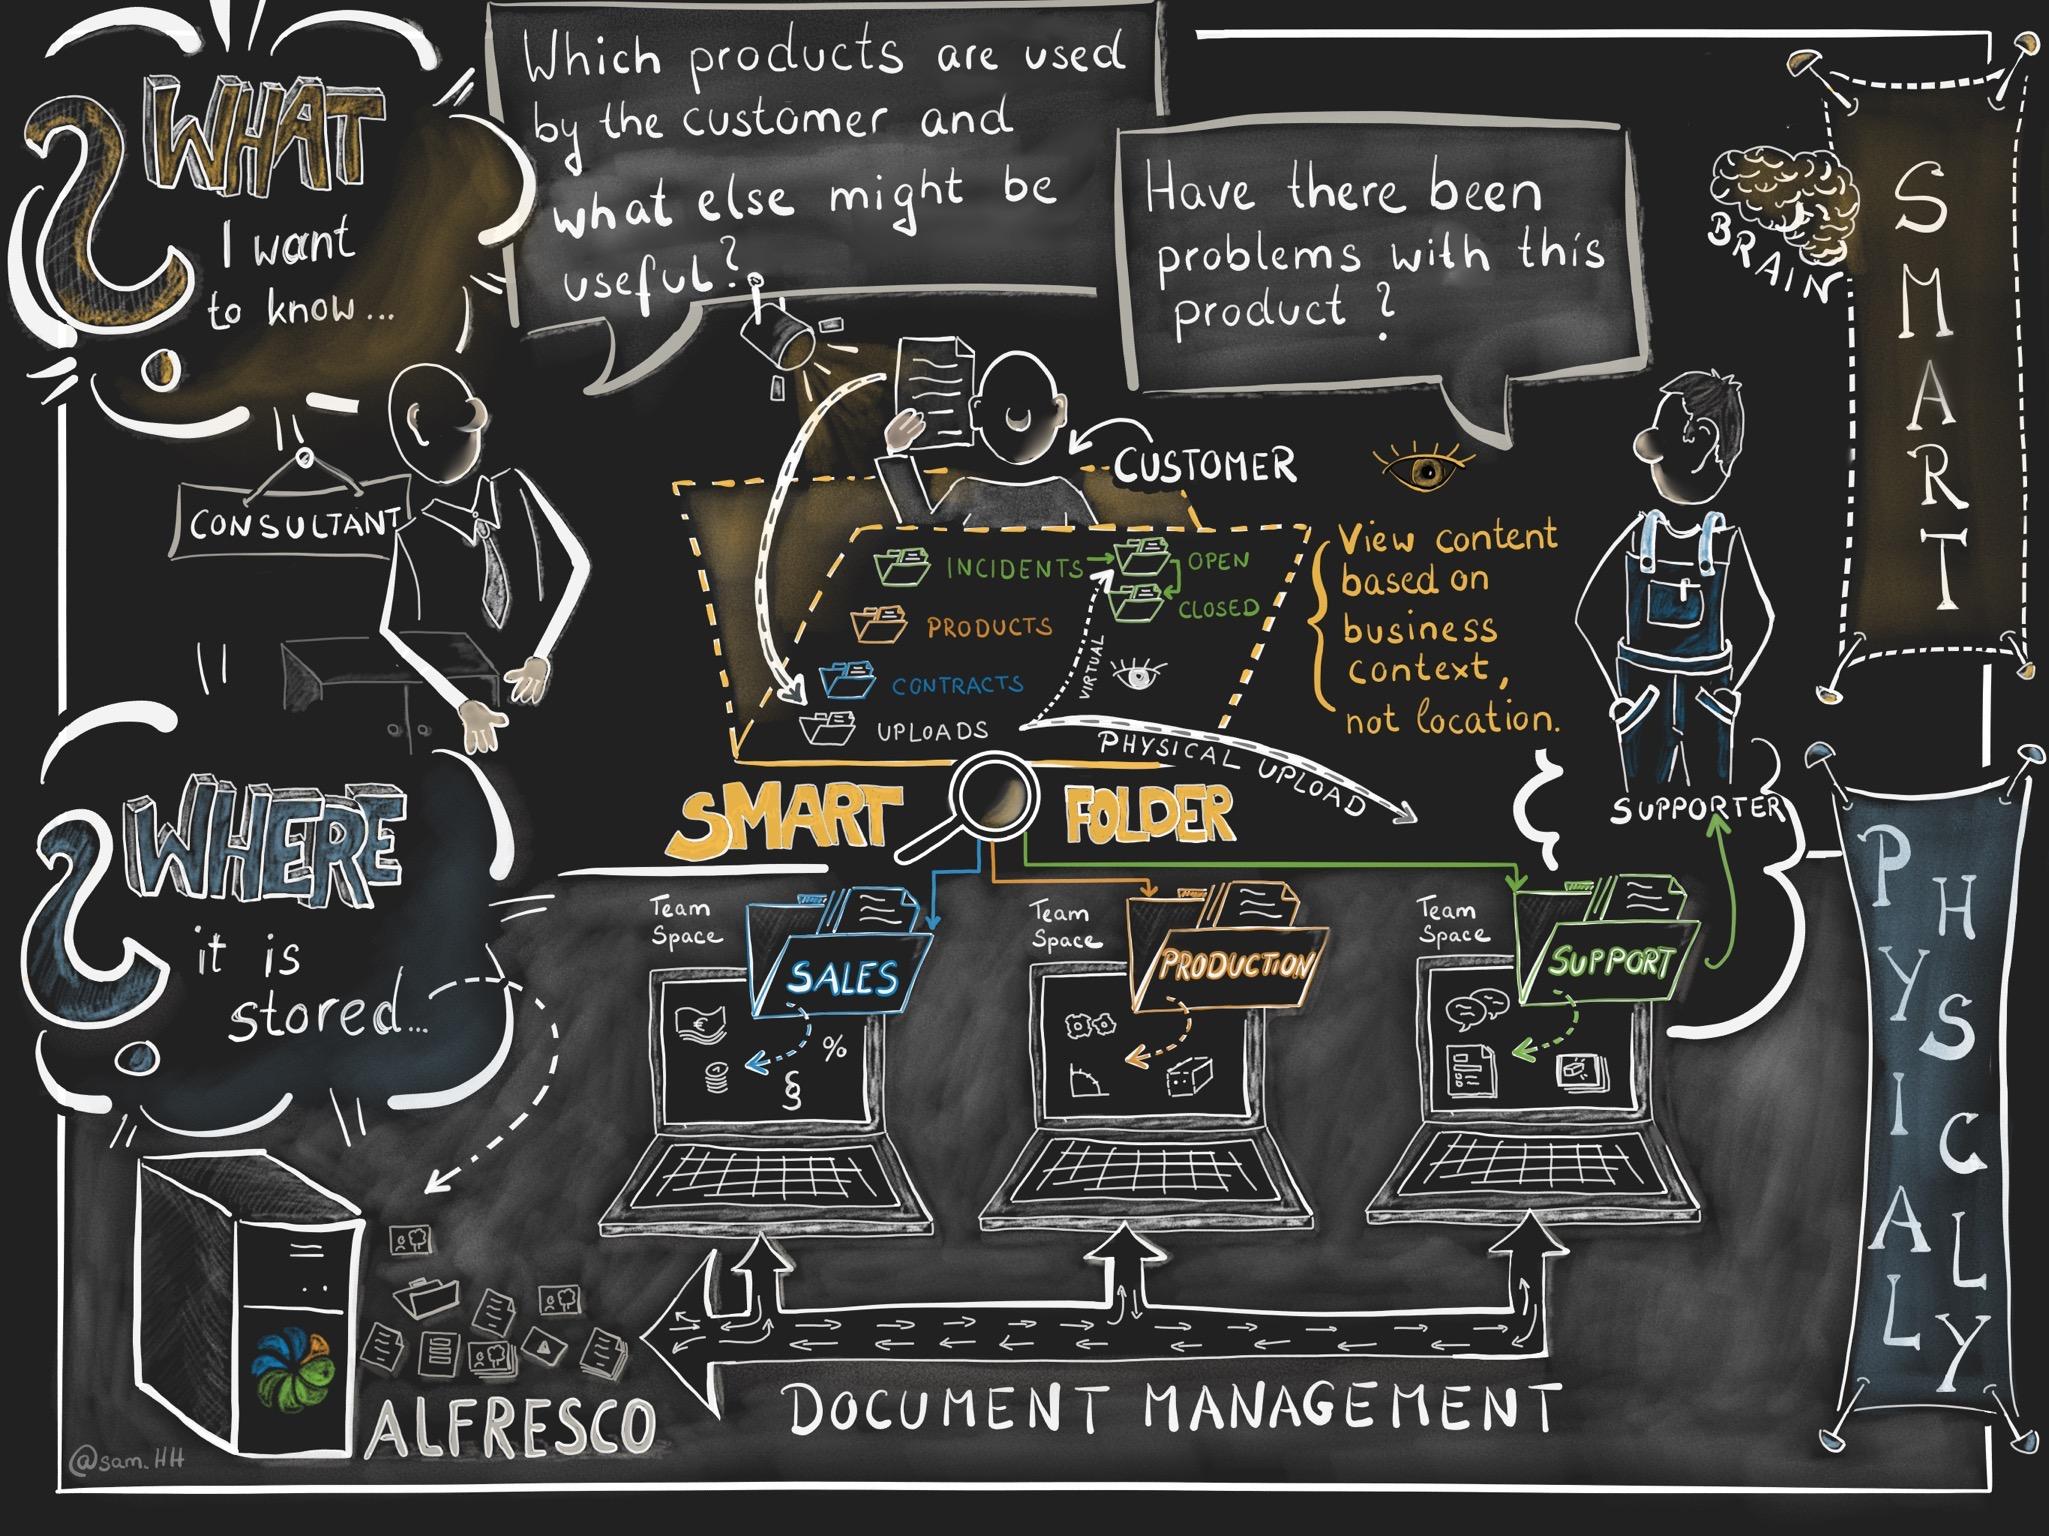 Alfresco Smart-Folder